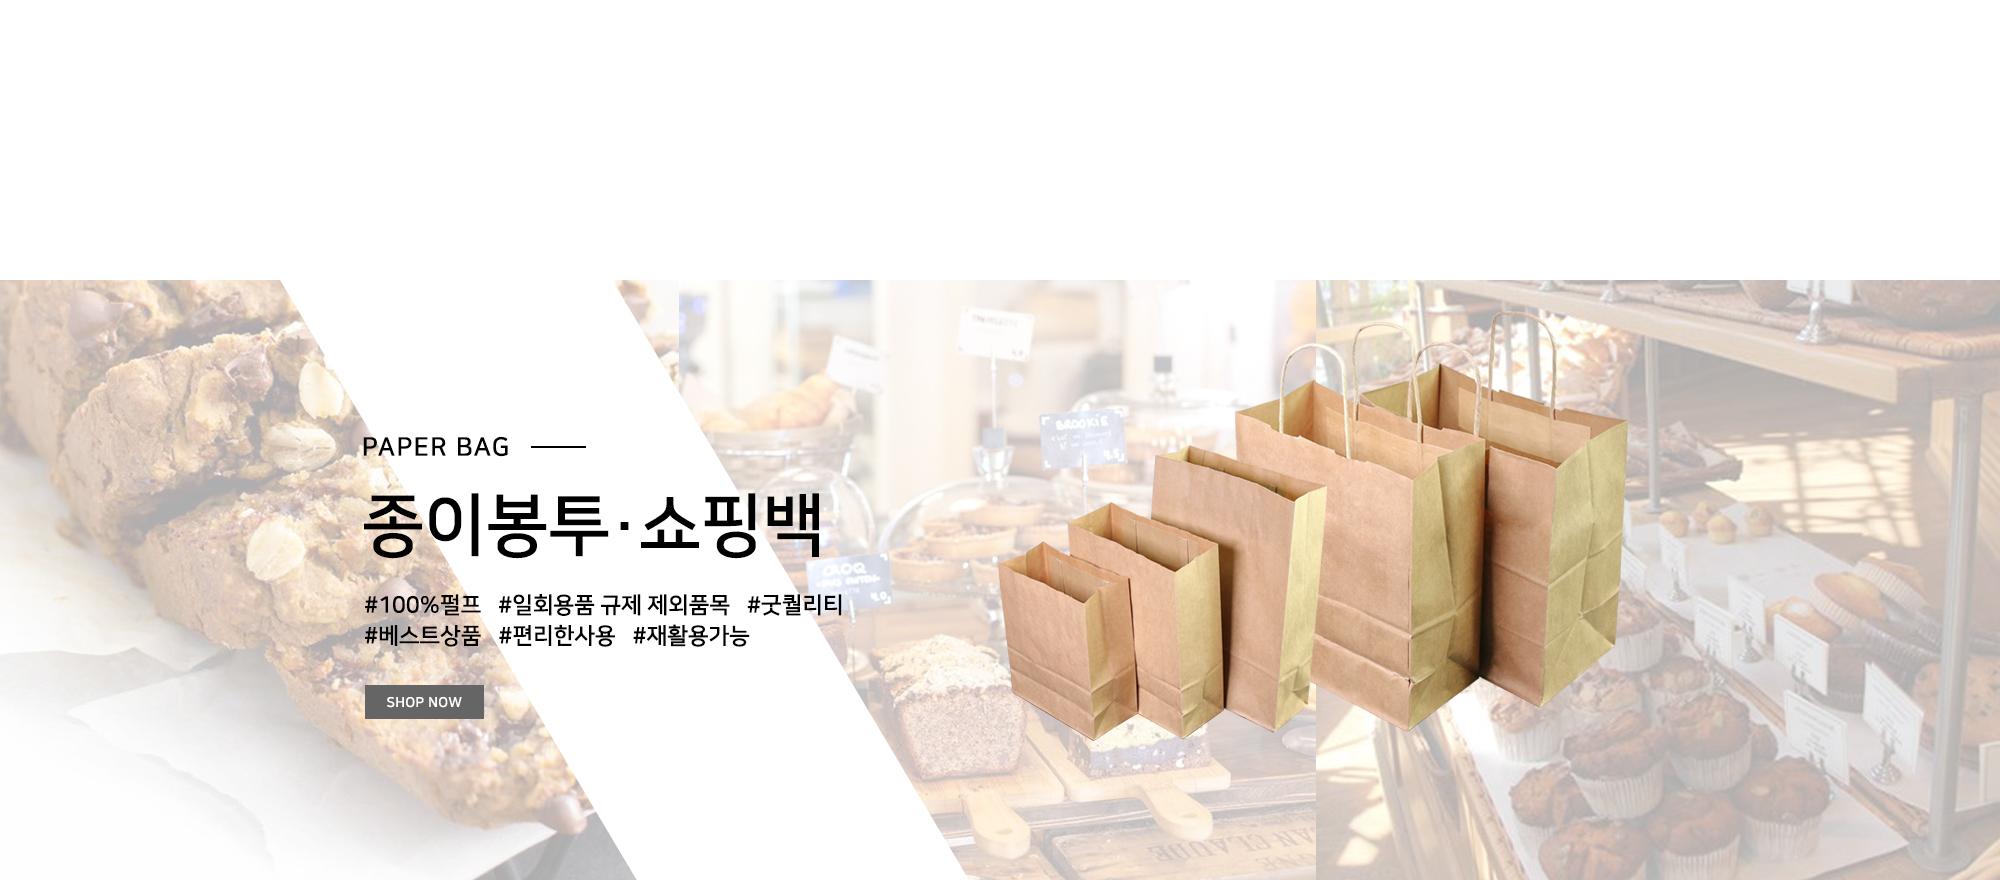 종이봉투·쇼핑백